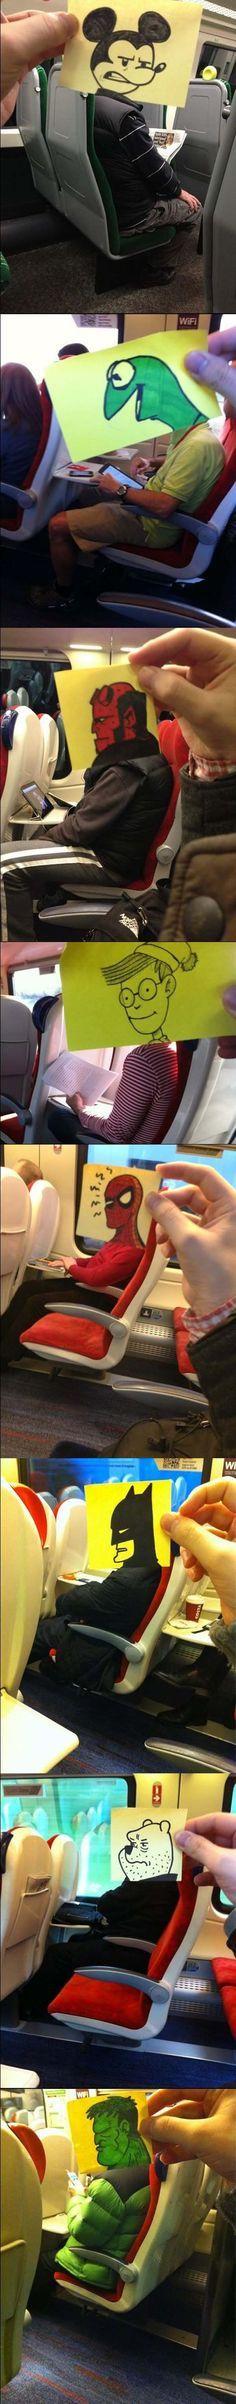 Iba un poco aburrido en el metro